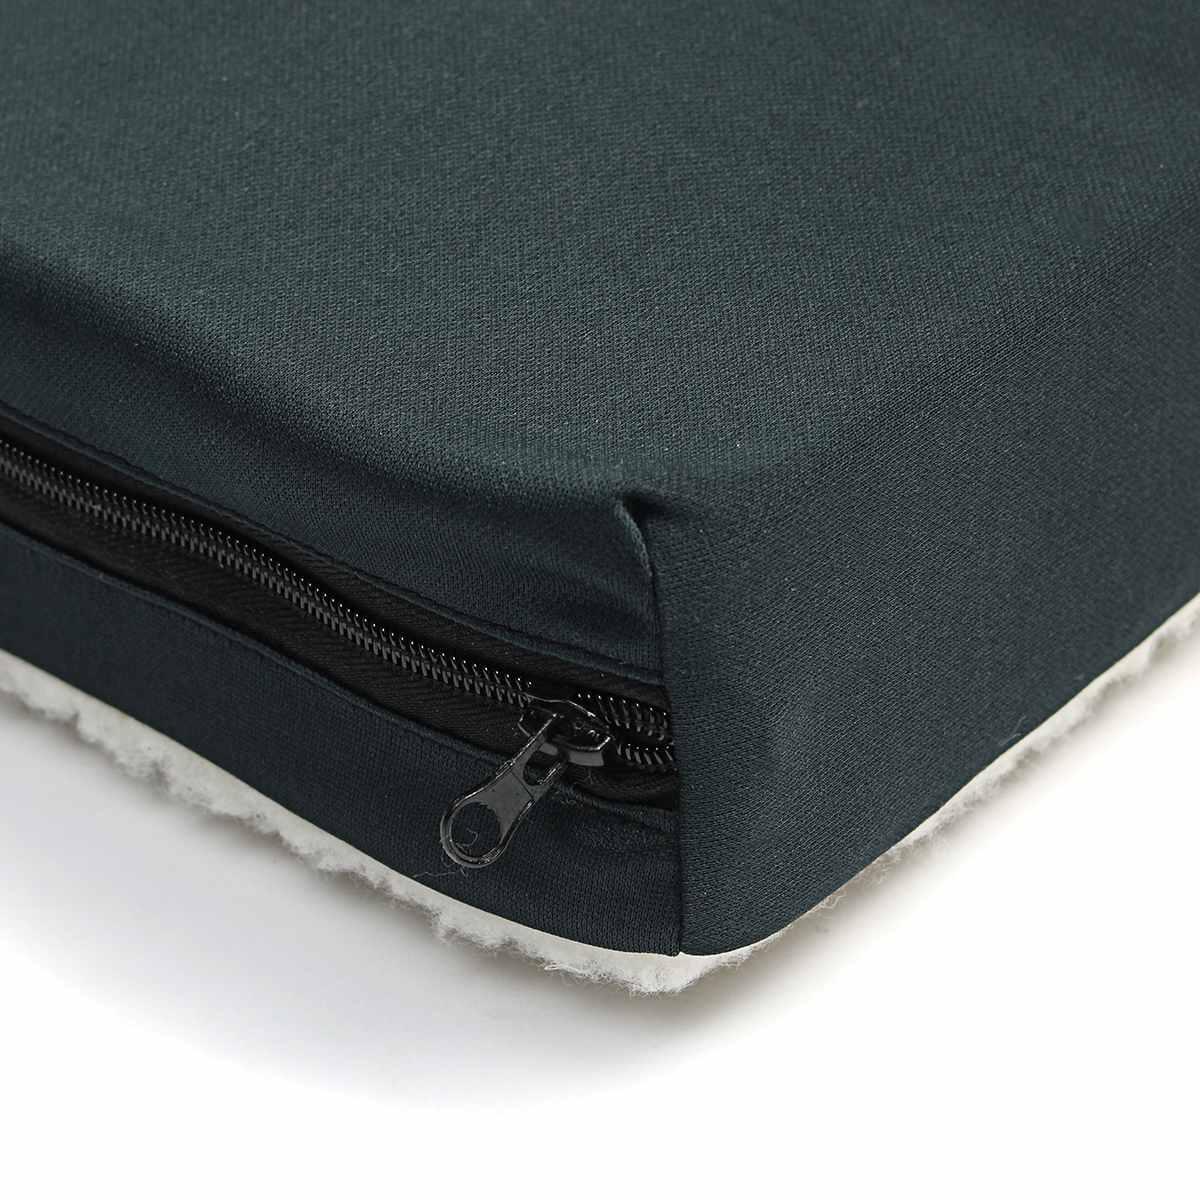 Coussin de siège en mousse à mémoire de forme Gel court en peluche polaire Solution de siège pour fauteuil roulant oreiller pour siège de voiture de bureau - 5